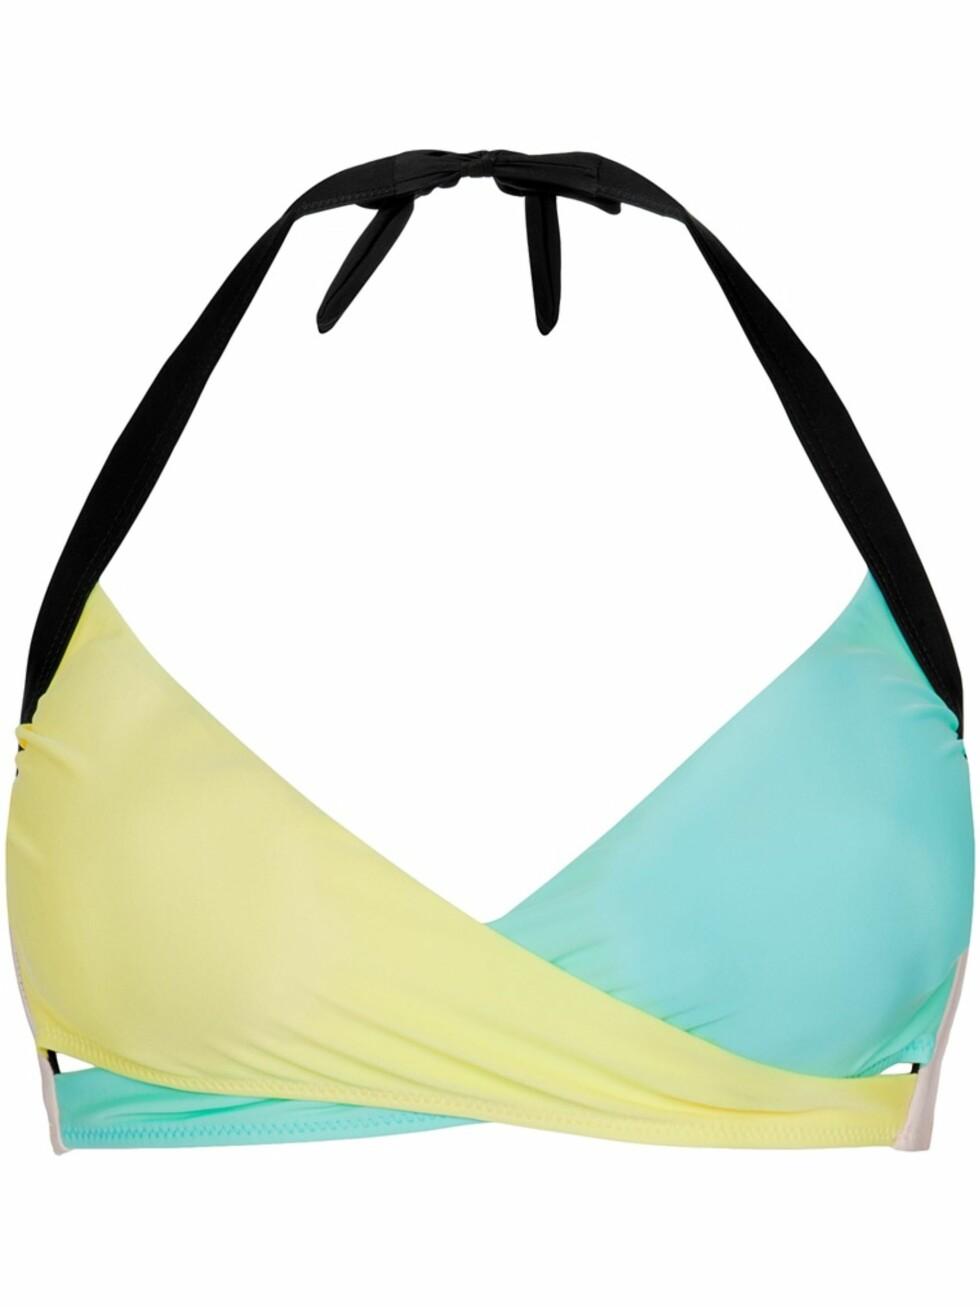 Bikinitopp fra Kappahl, kr 149. Foto: Produsenten